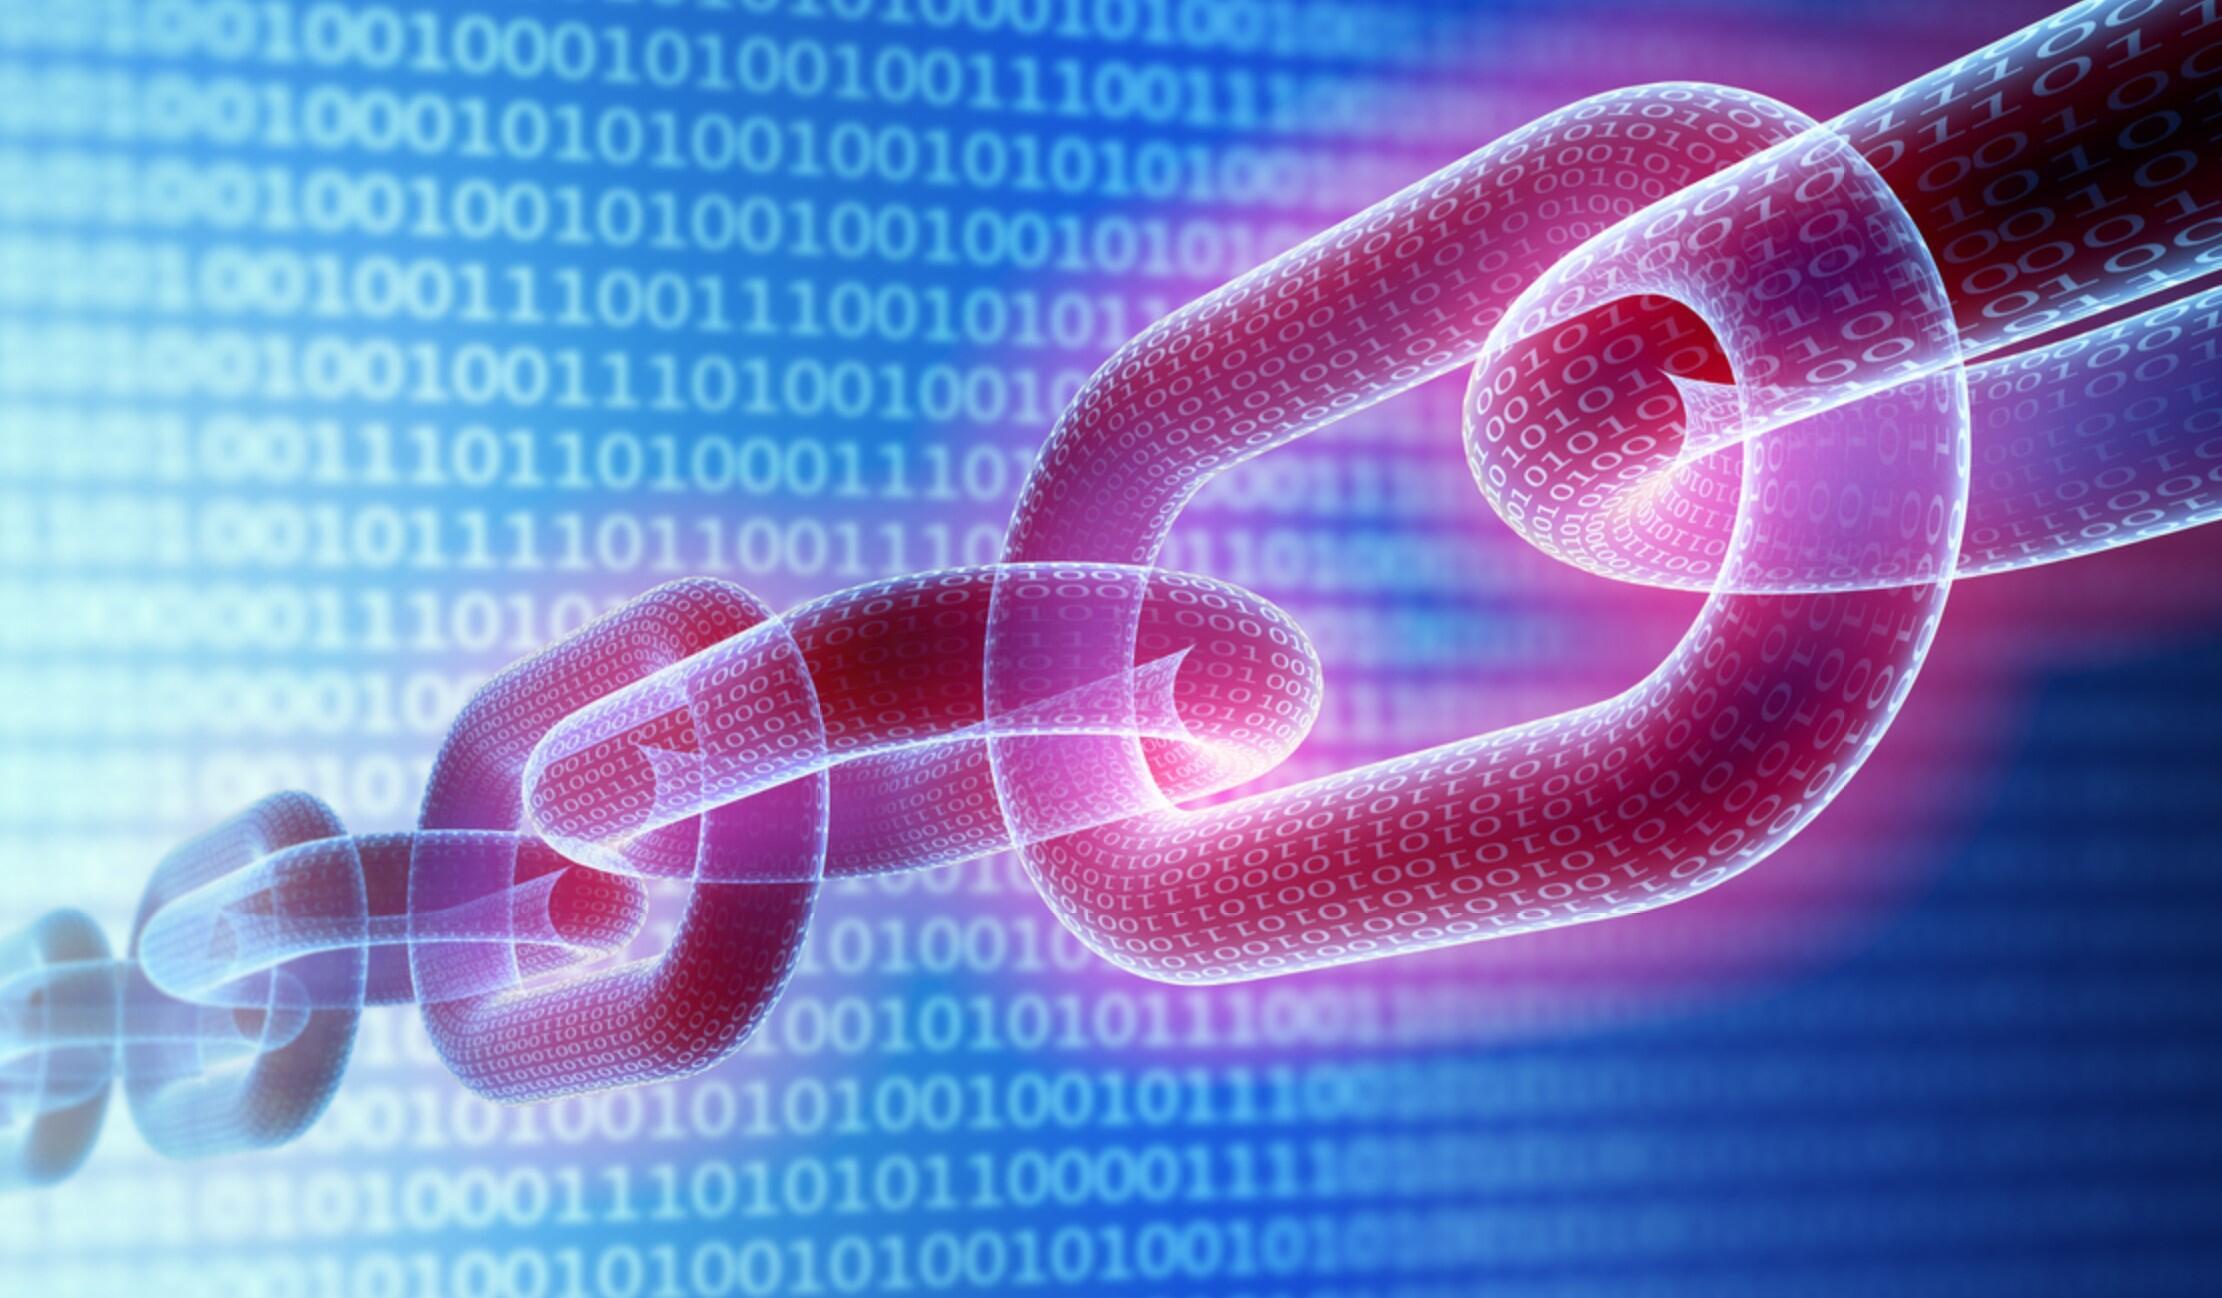 İş Bankası'ndan blockchain teknolojisiyle dış ticarette bir ilk